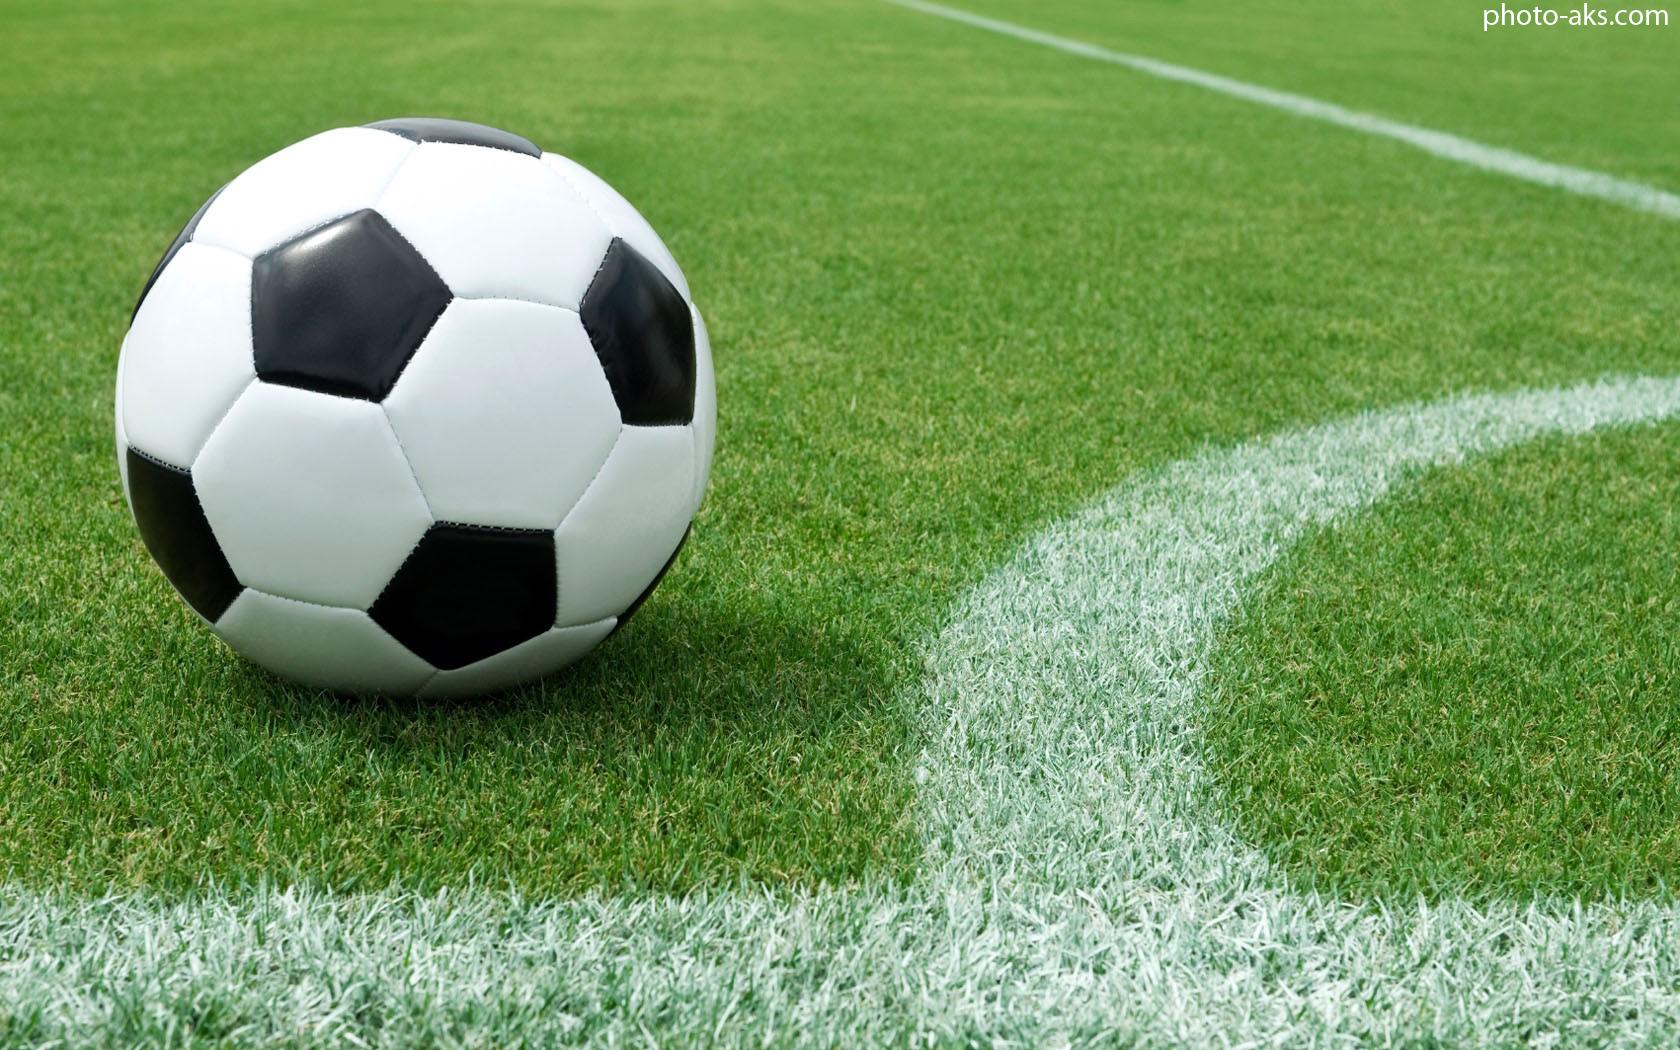 نظر سنجی مسابقه فوتبال ایران و کره جنوبی